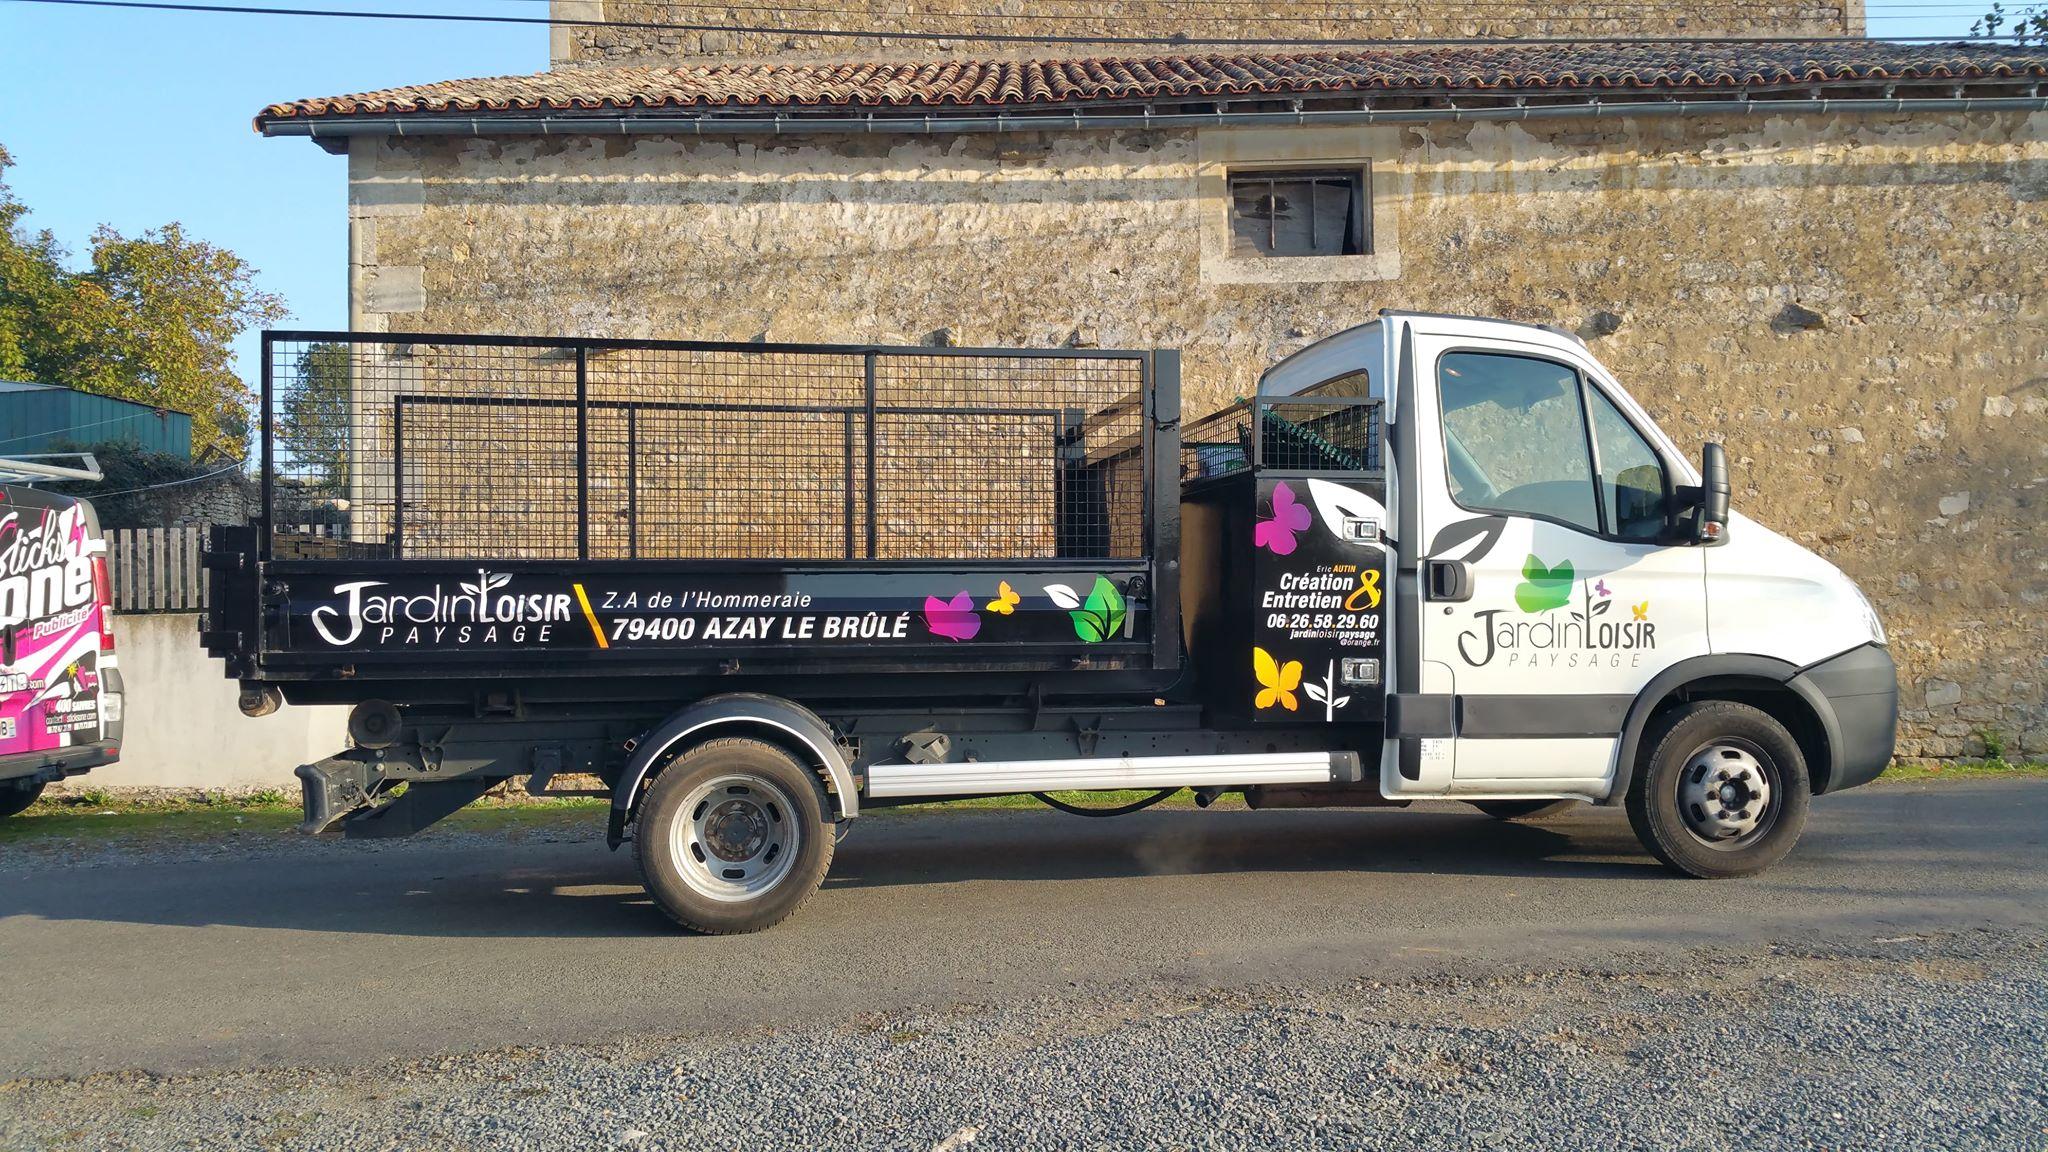 Jardin Loisirs PAYSAGES - Sticksone Publicité